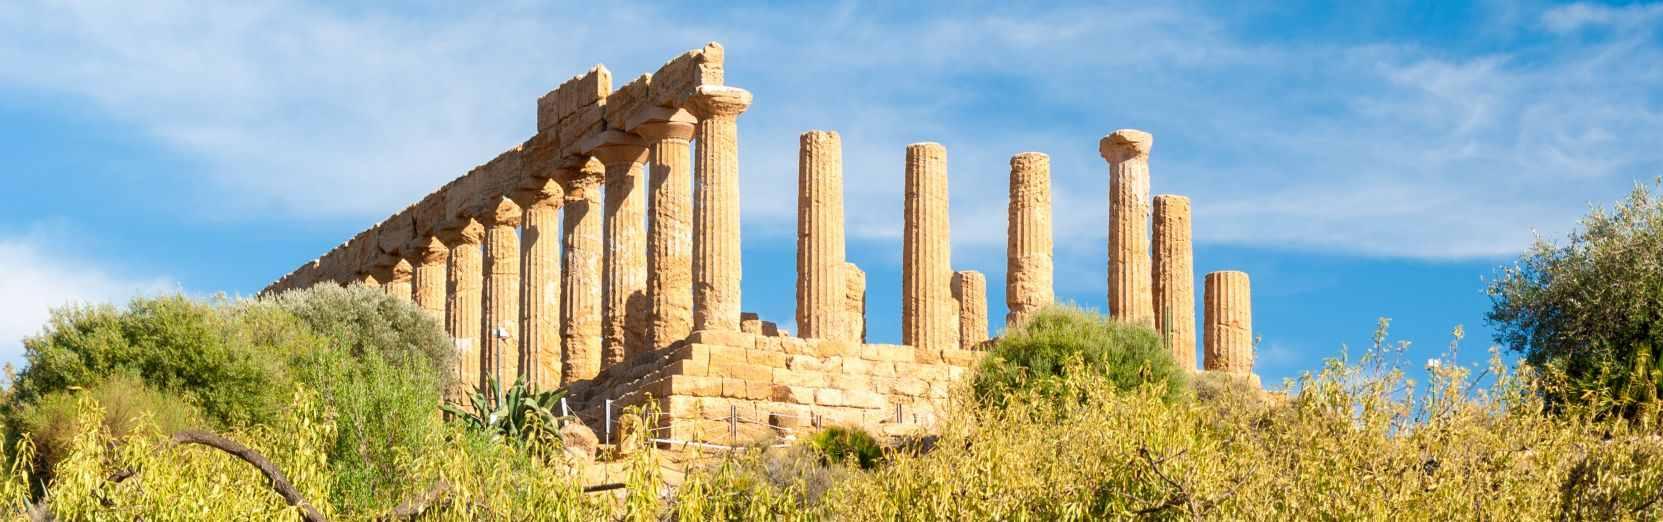 Griechenland Mietwaen ohne Kreditkarte